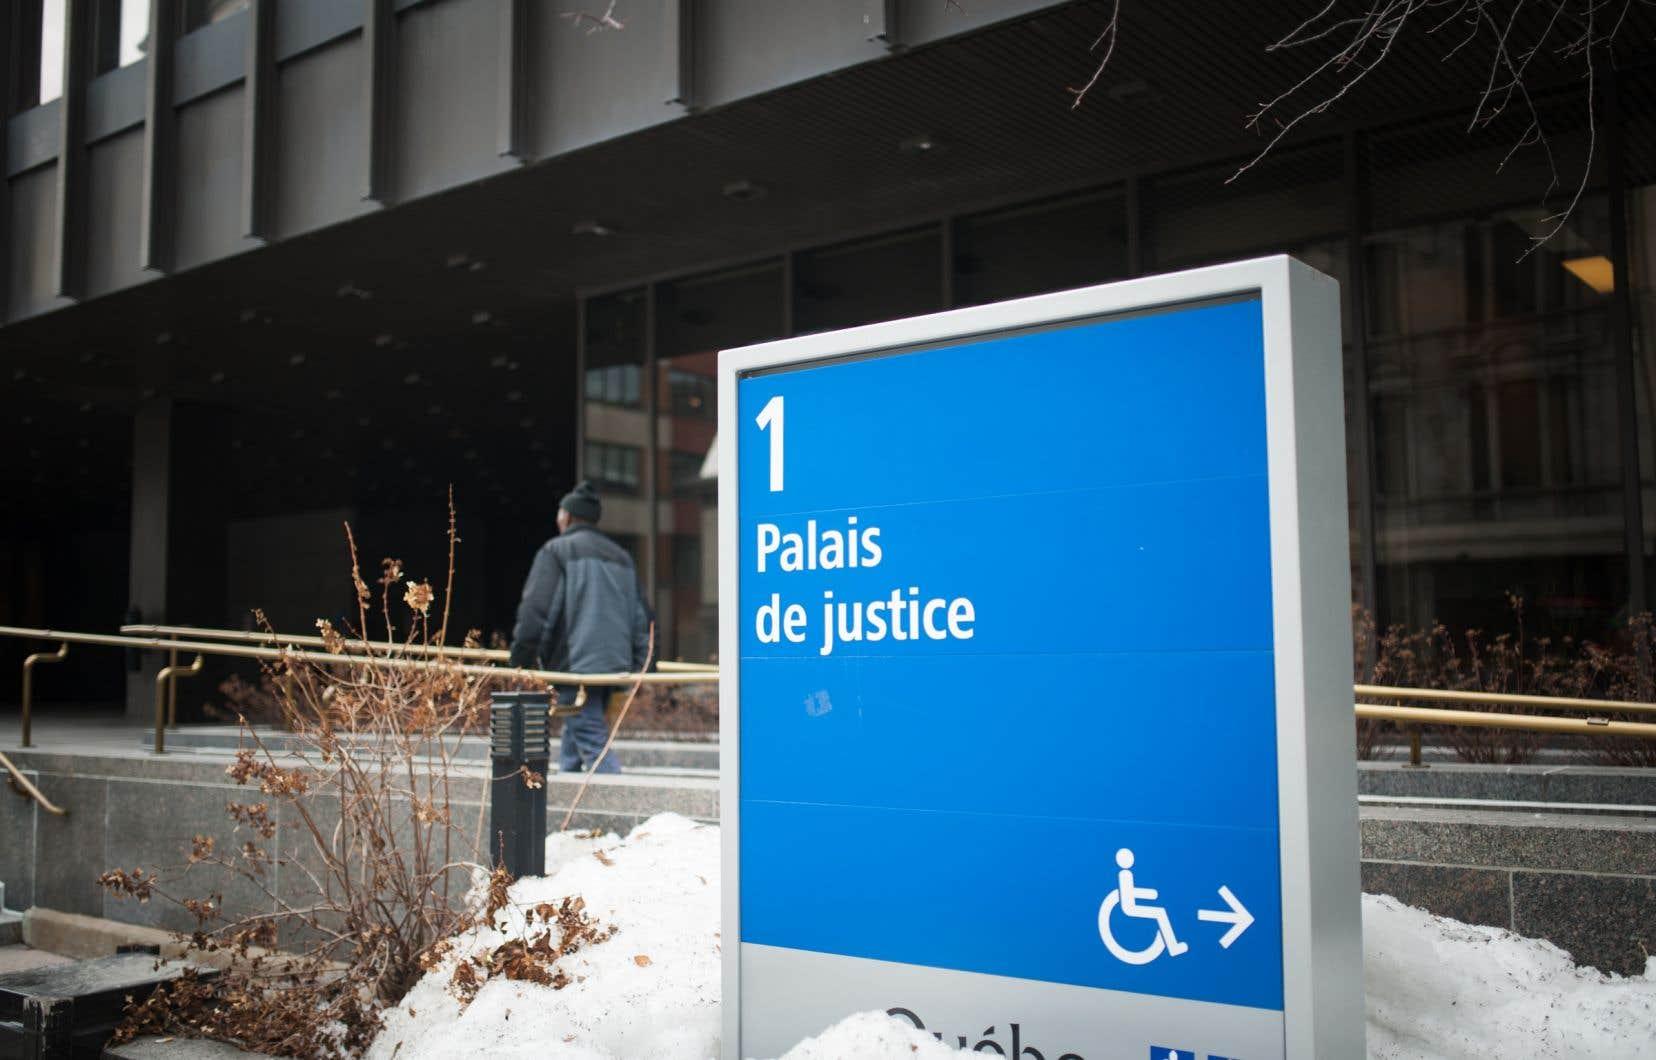 La juge Christine Baudouin de la Cour supérieure a rendu un jugement qui élargit l'aide médicale à mourir,le 11septembre dernier.